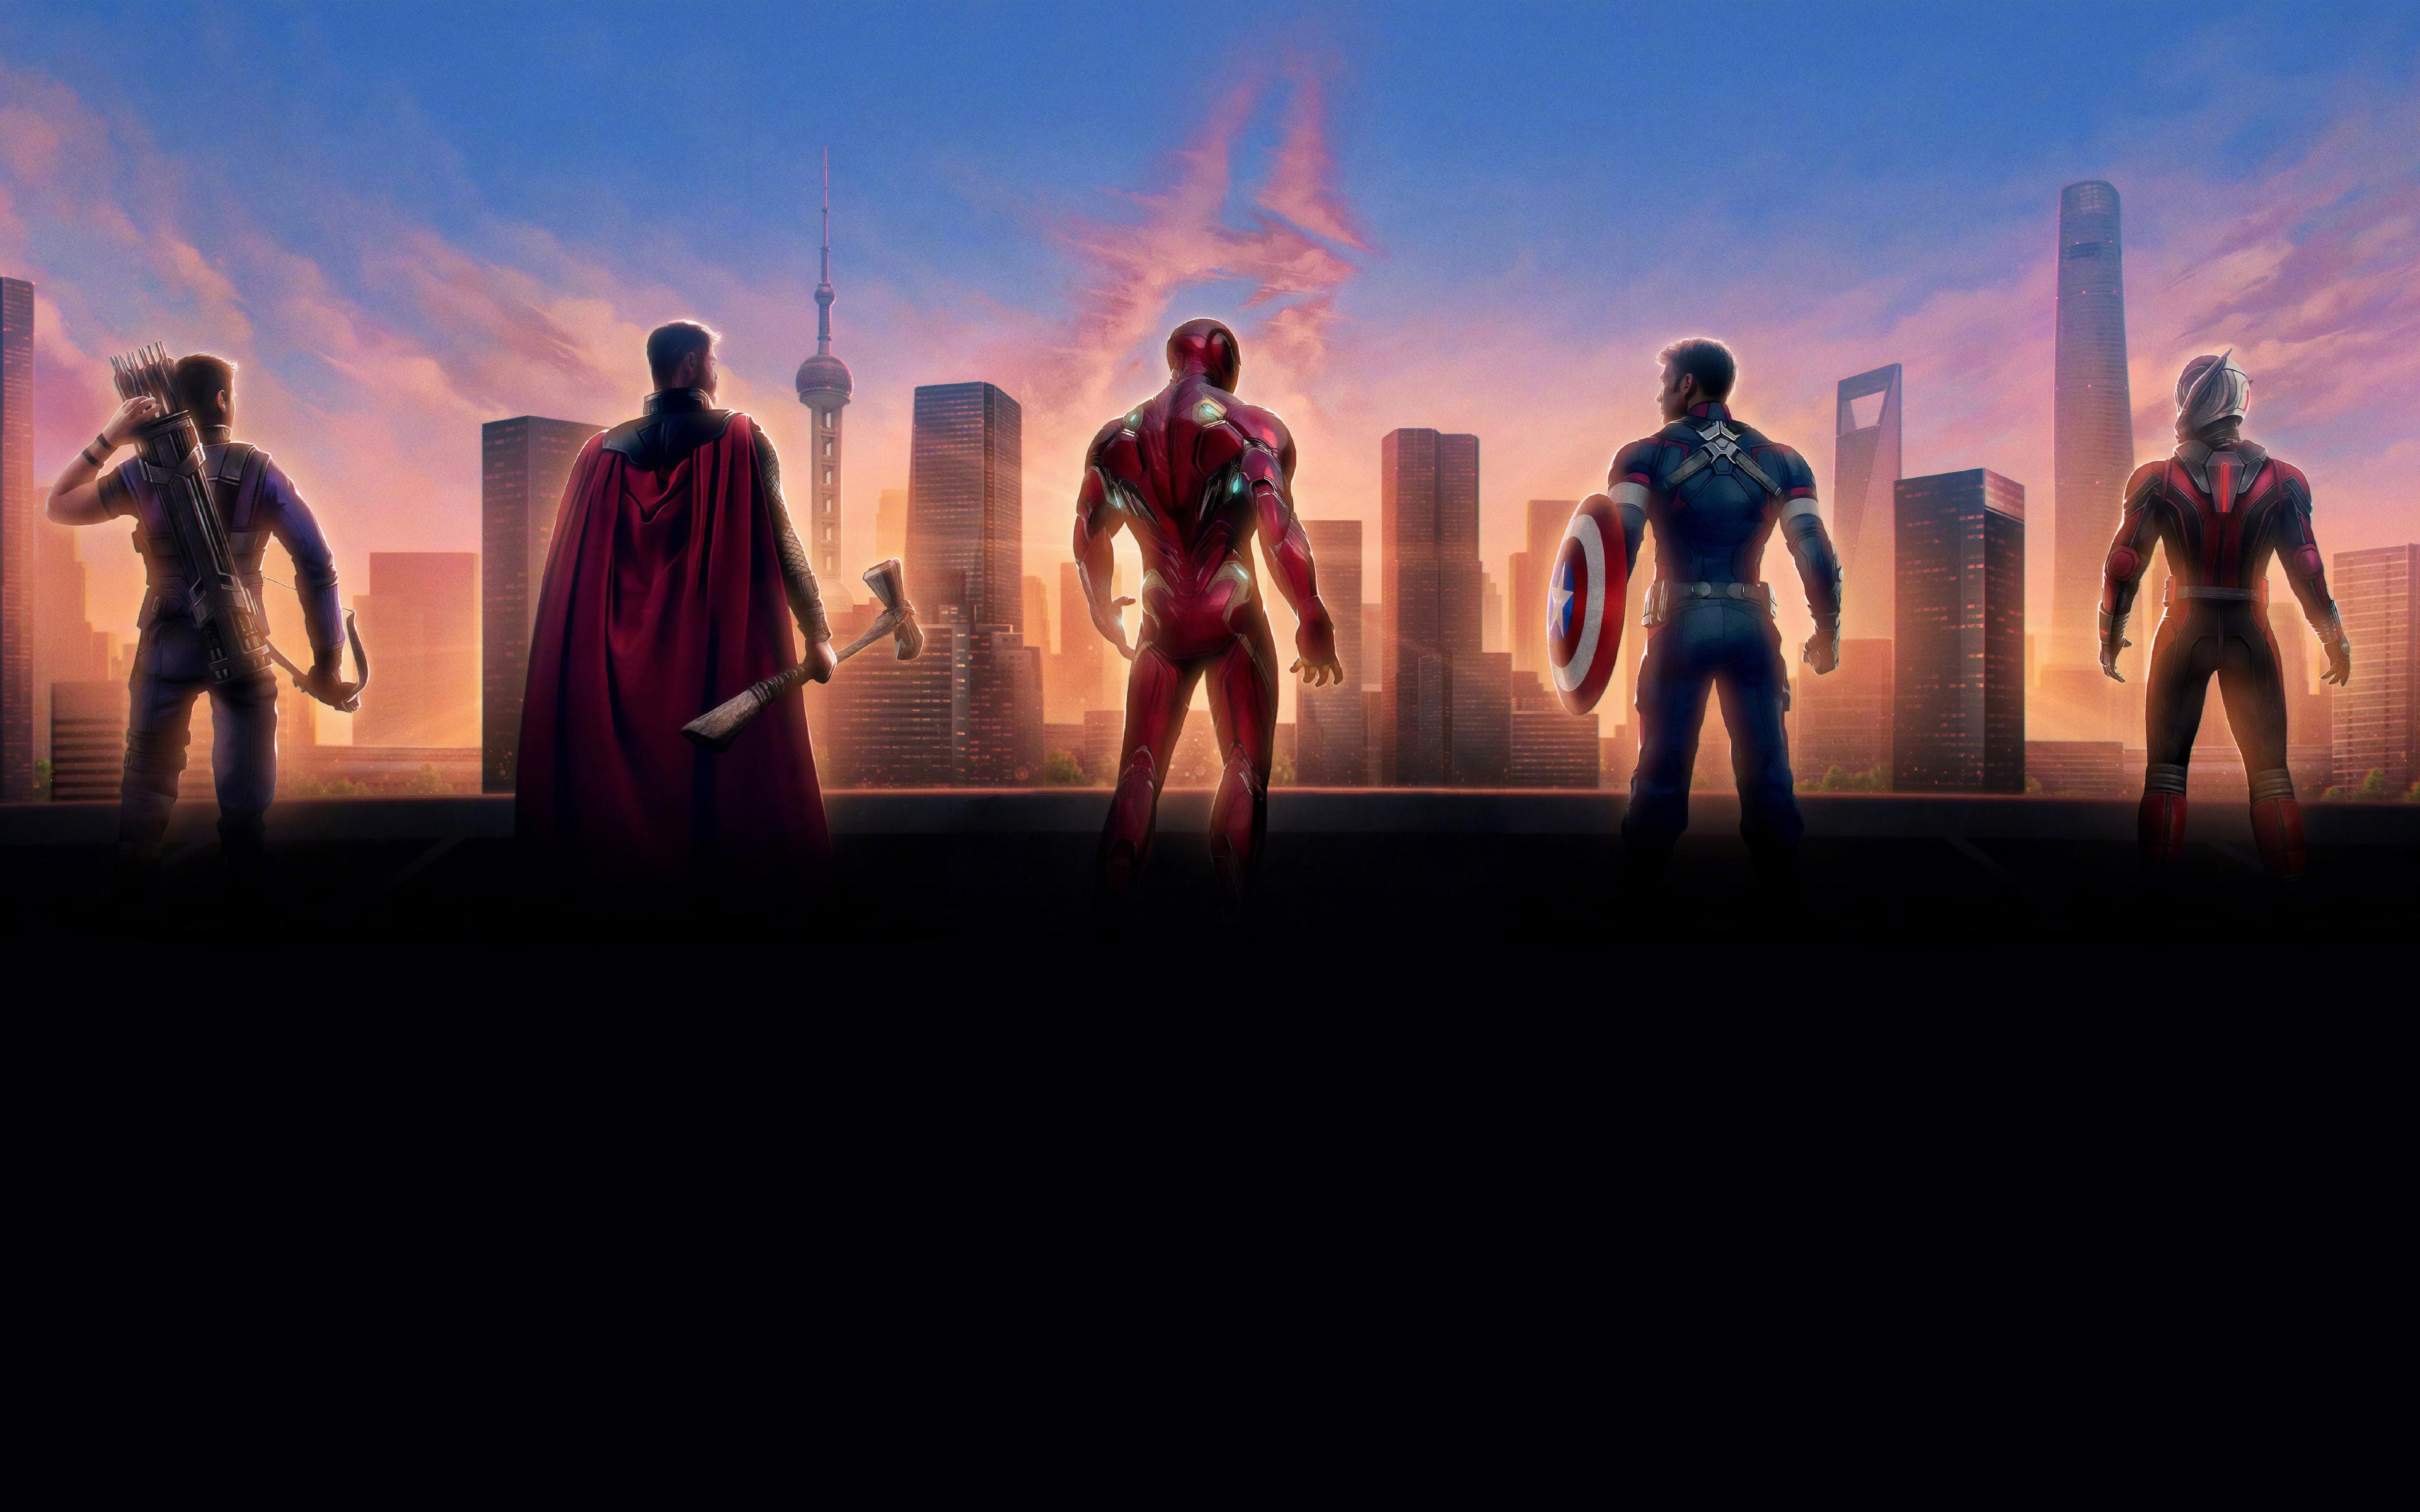 3840x2400 Avengers Endgame 8k Chinese Poster 4k Hd 4k Wallpapers